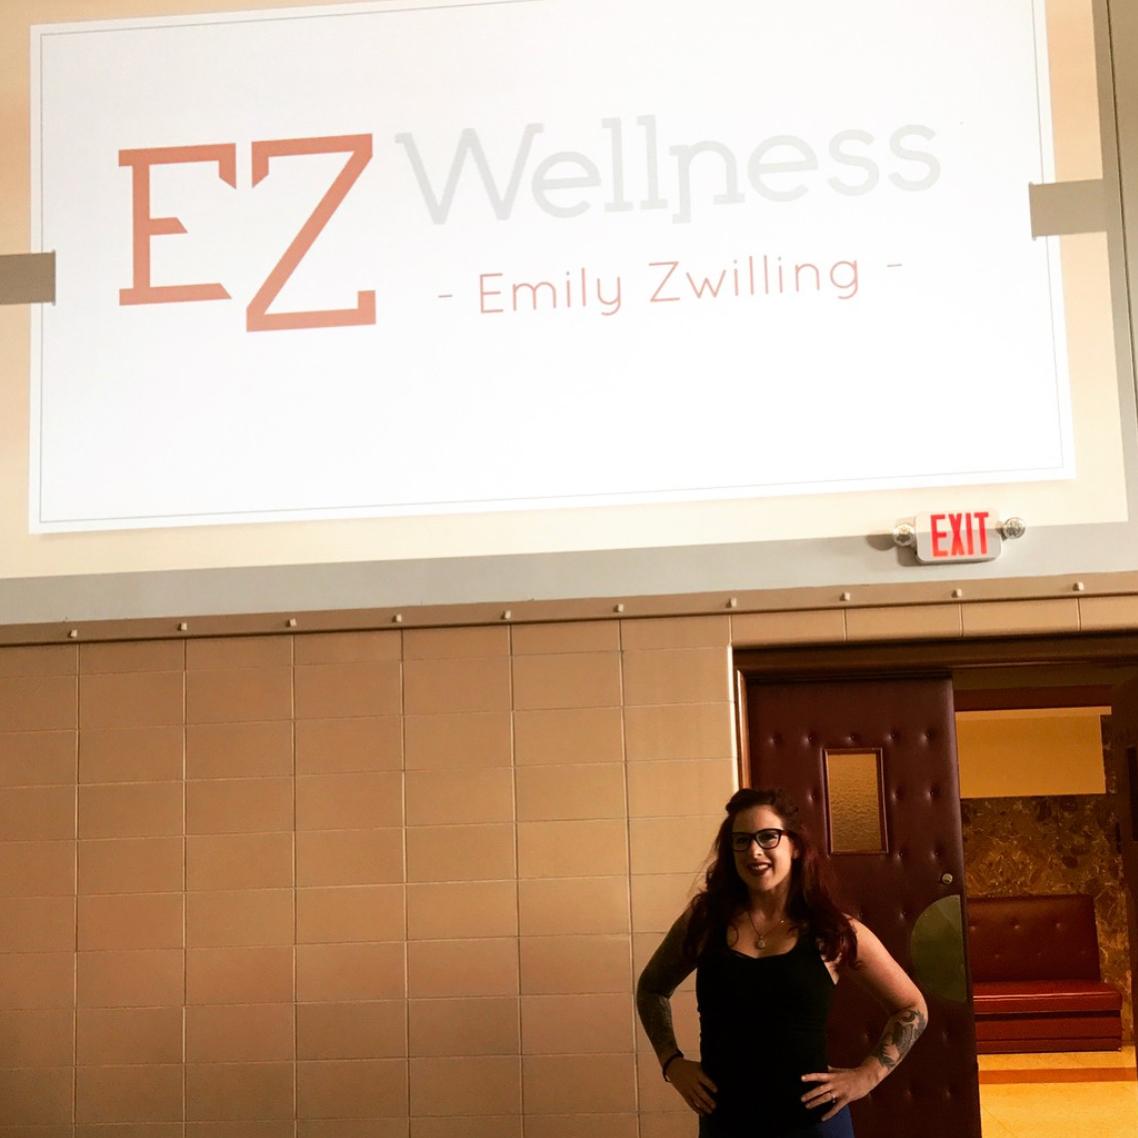 emily-zwilling-ez-wellness.jpg